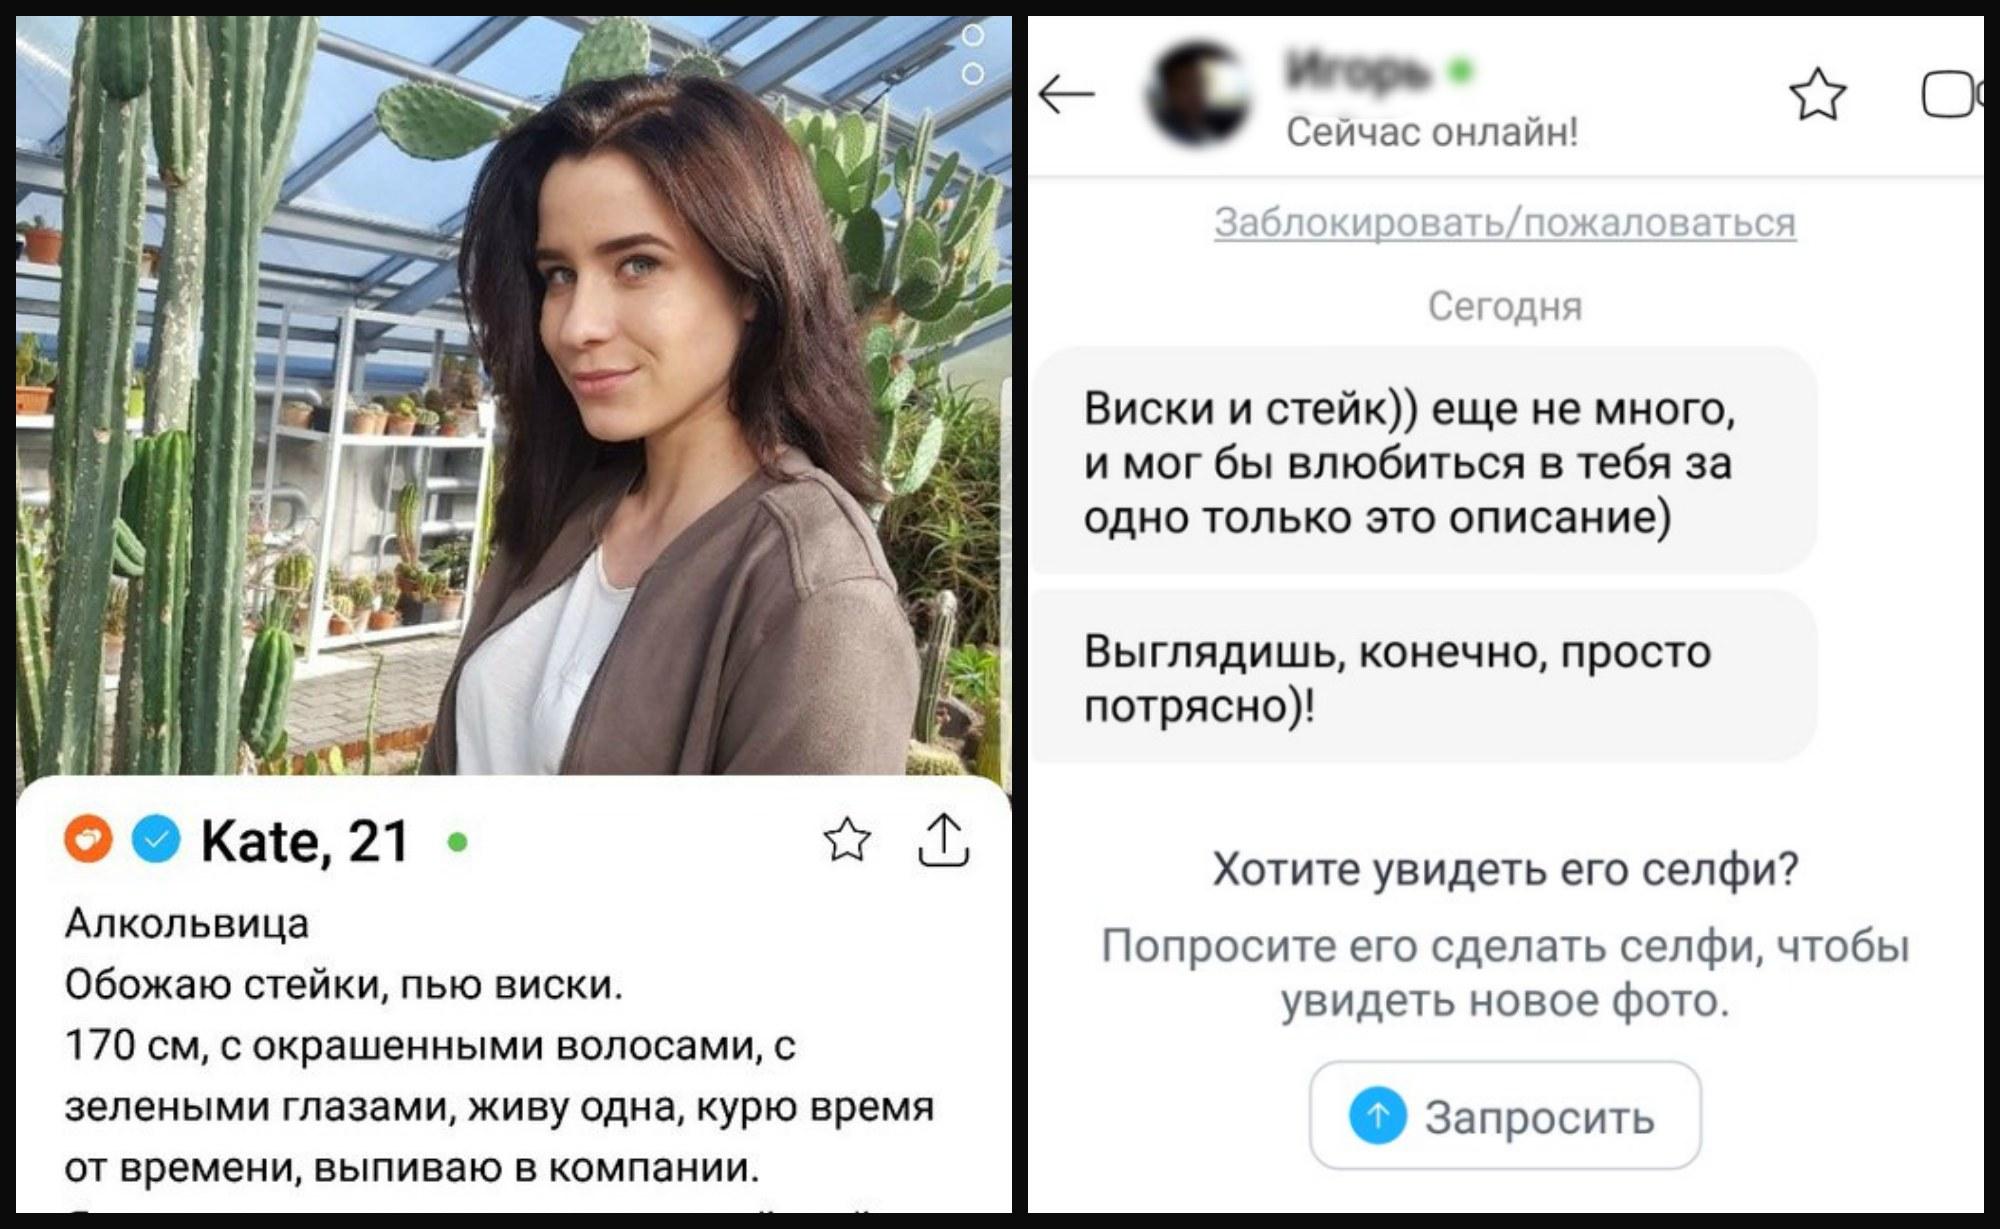 Статусы для знакомства с девушкой в интернете знакомство в кемерово на одну ночь